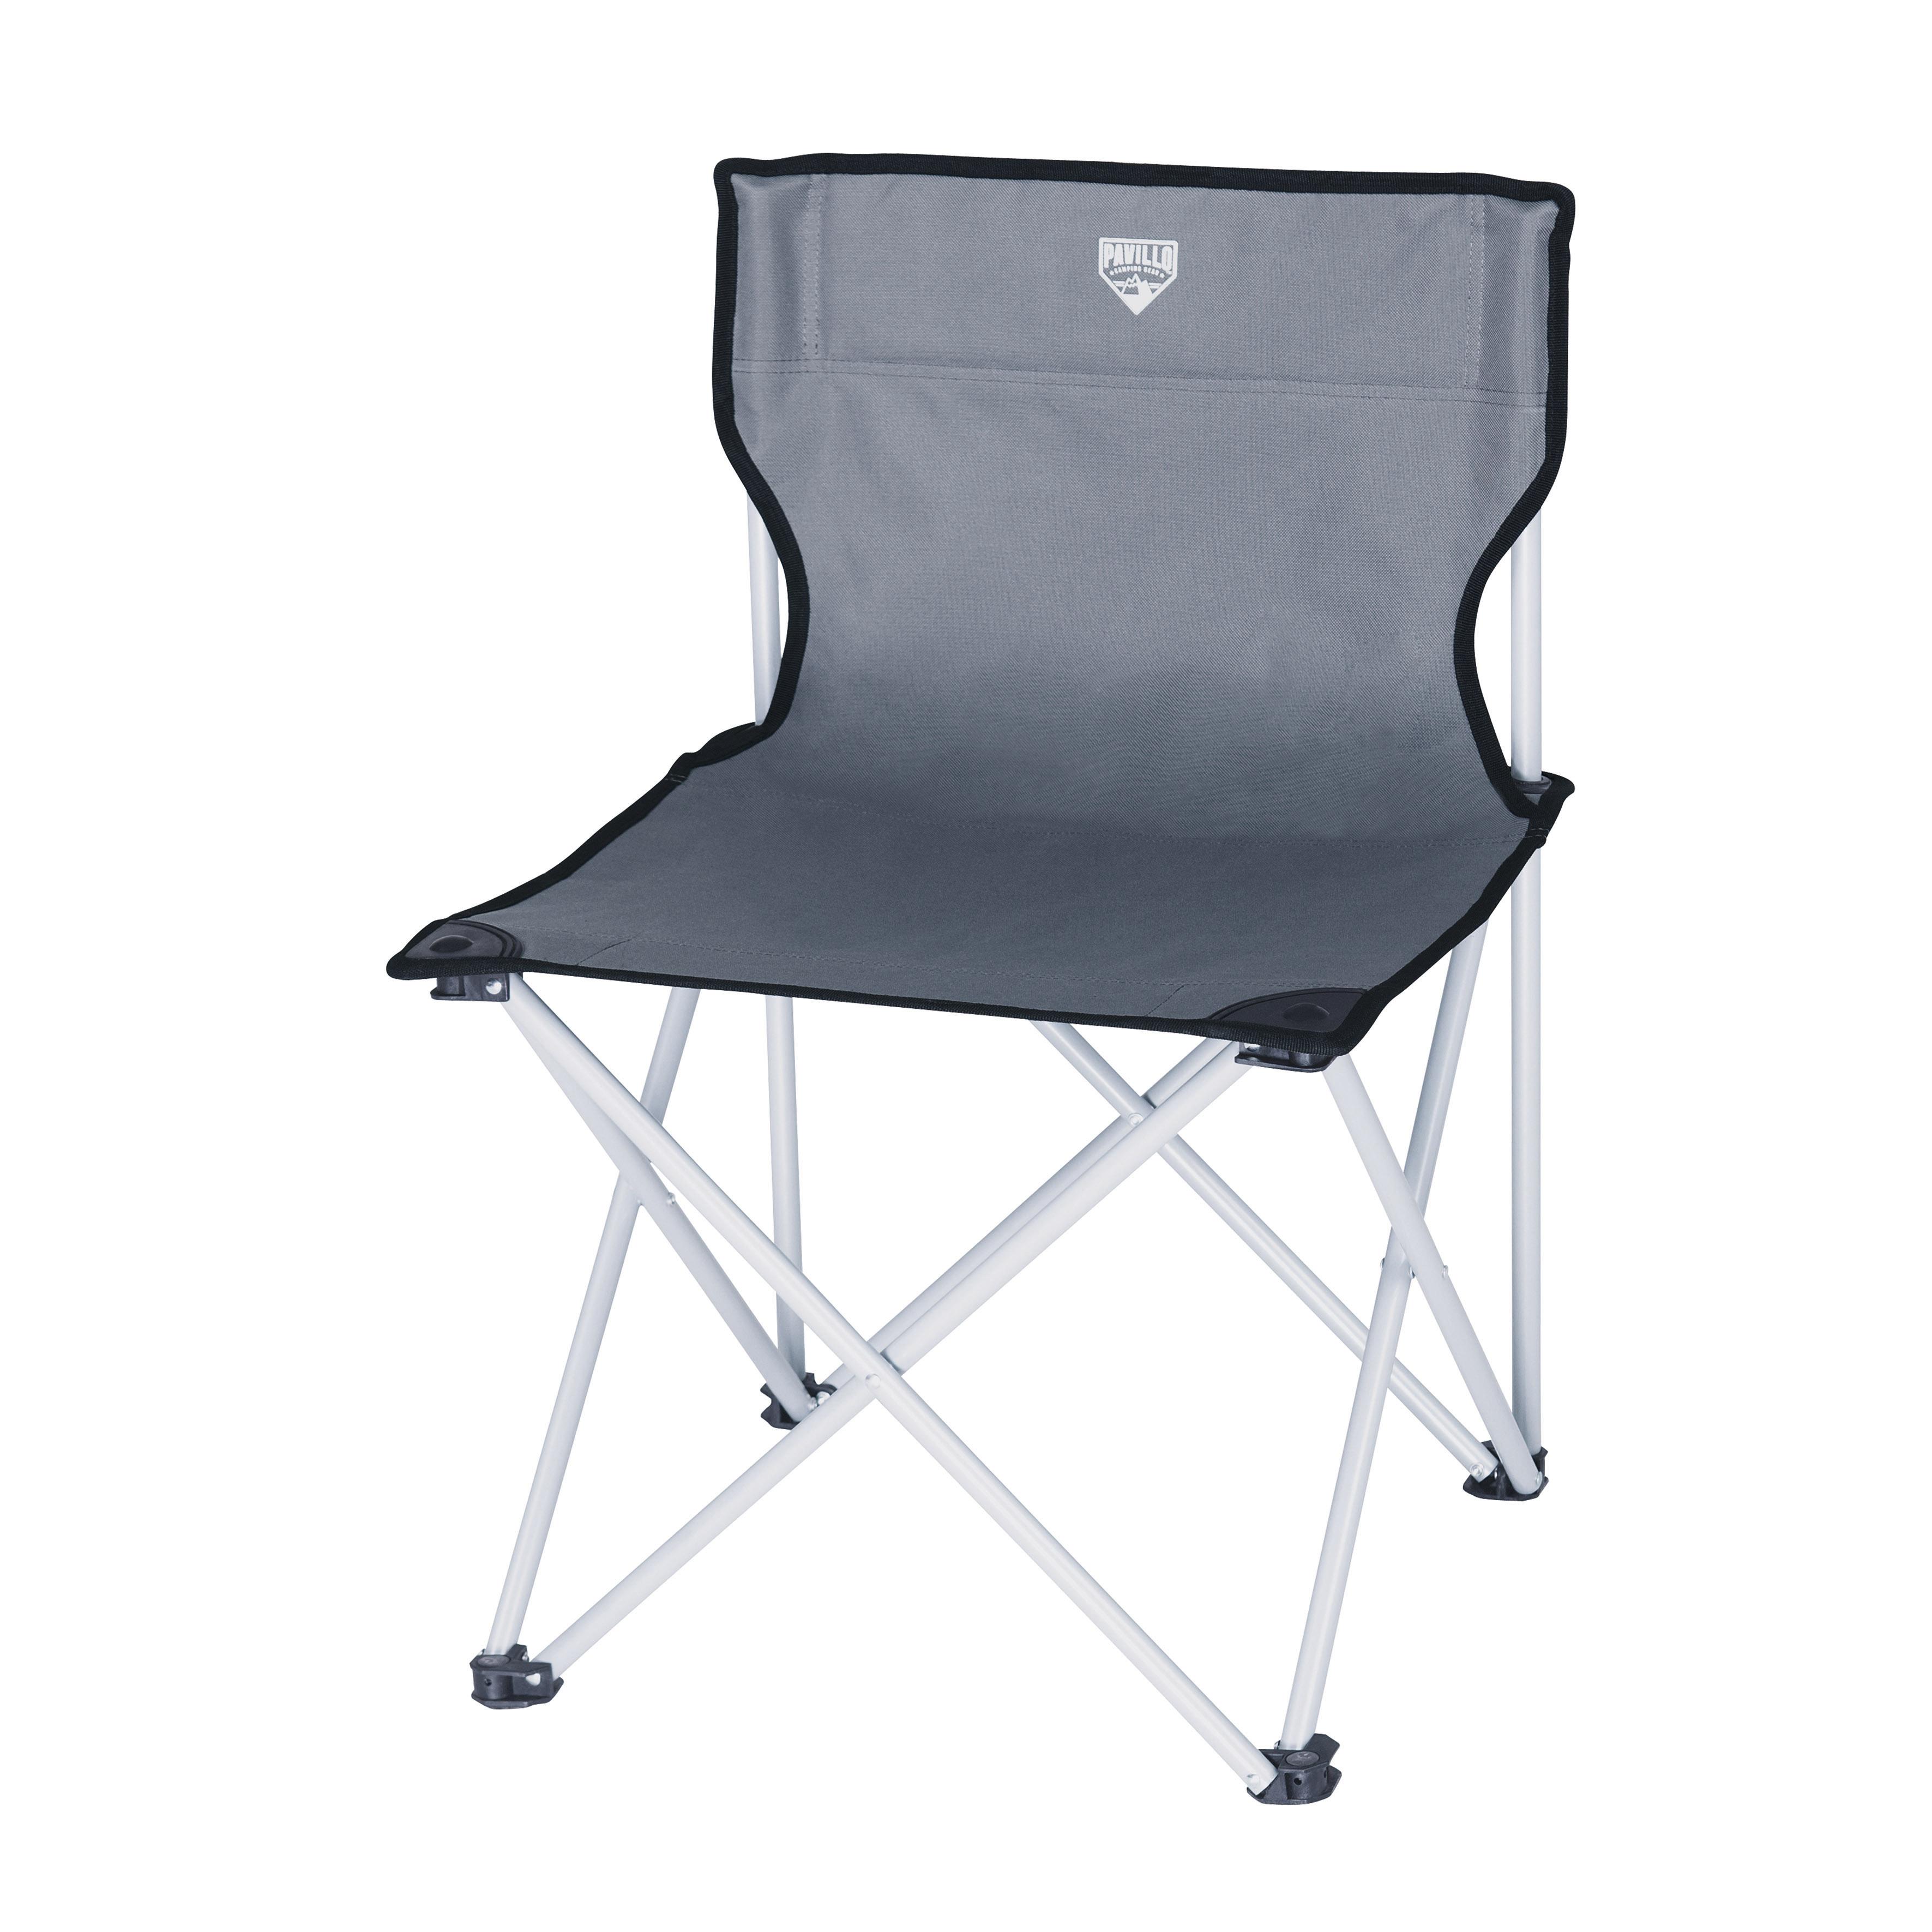 Bestway Стул раскладной, 50 х 50 х 72 см68069Раскладной стул Bestway необходимая вещь на отдыхе! Онлегкий и компактный - вы можете брать его на пикник, на пляж,рыбалку, охоту, в поход или на дачу. Стул очень комфортный, высможете расслабиться и наслаждаться отдыхом.Рама выполнена из 100% стали. Материал сидения 100%полиэстер.Размер: 50 х 50 х 72 см.Максимальная нагрузка: 105 кг.